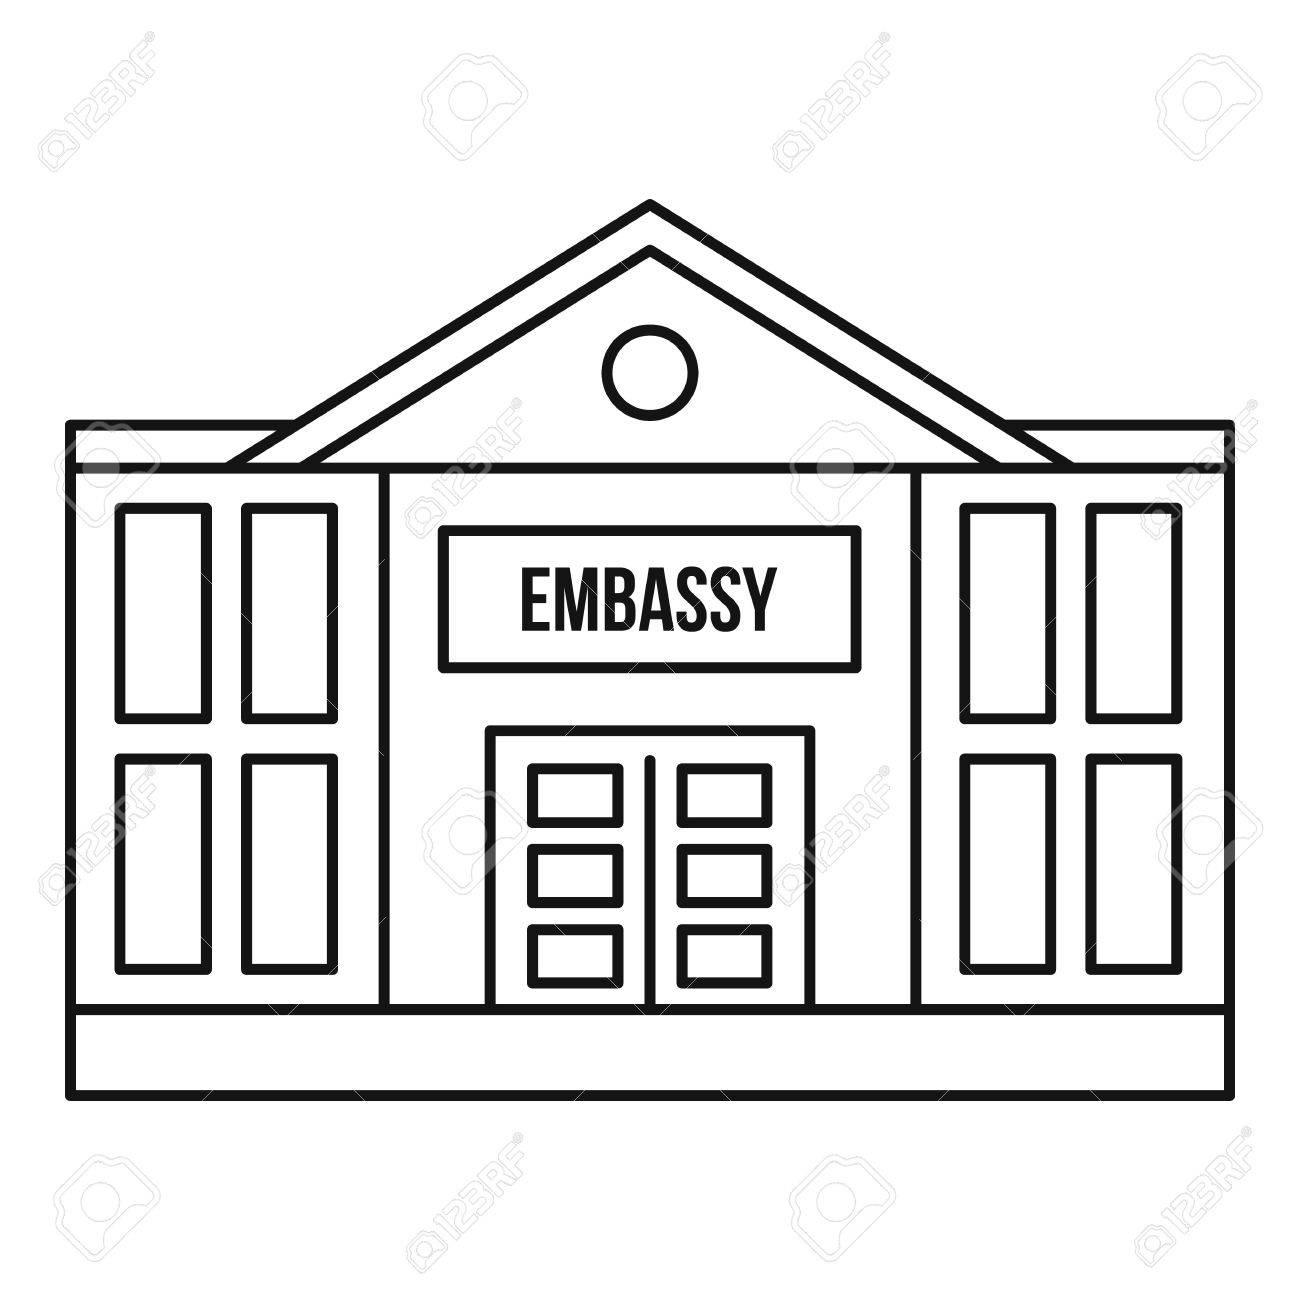 وقت سفارت فوری تهران